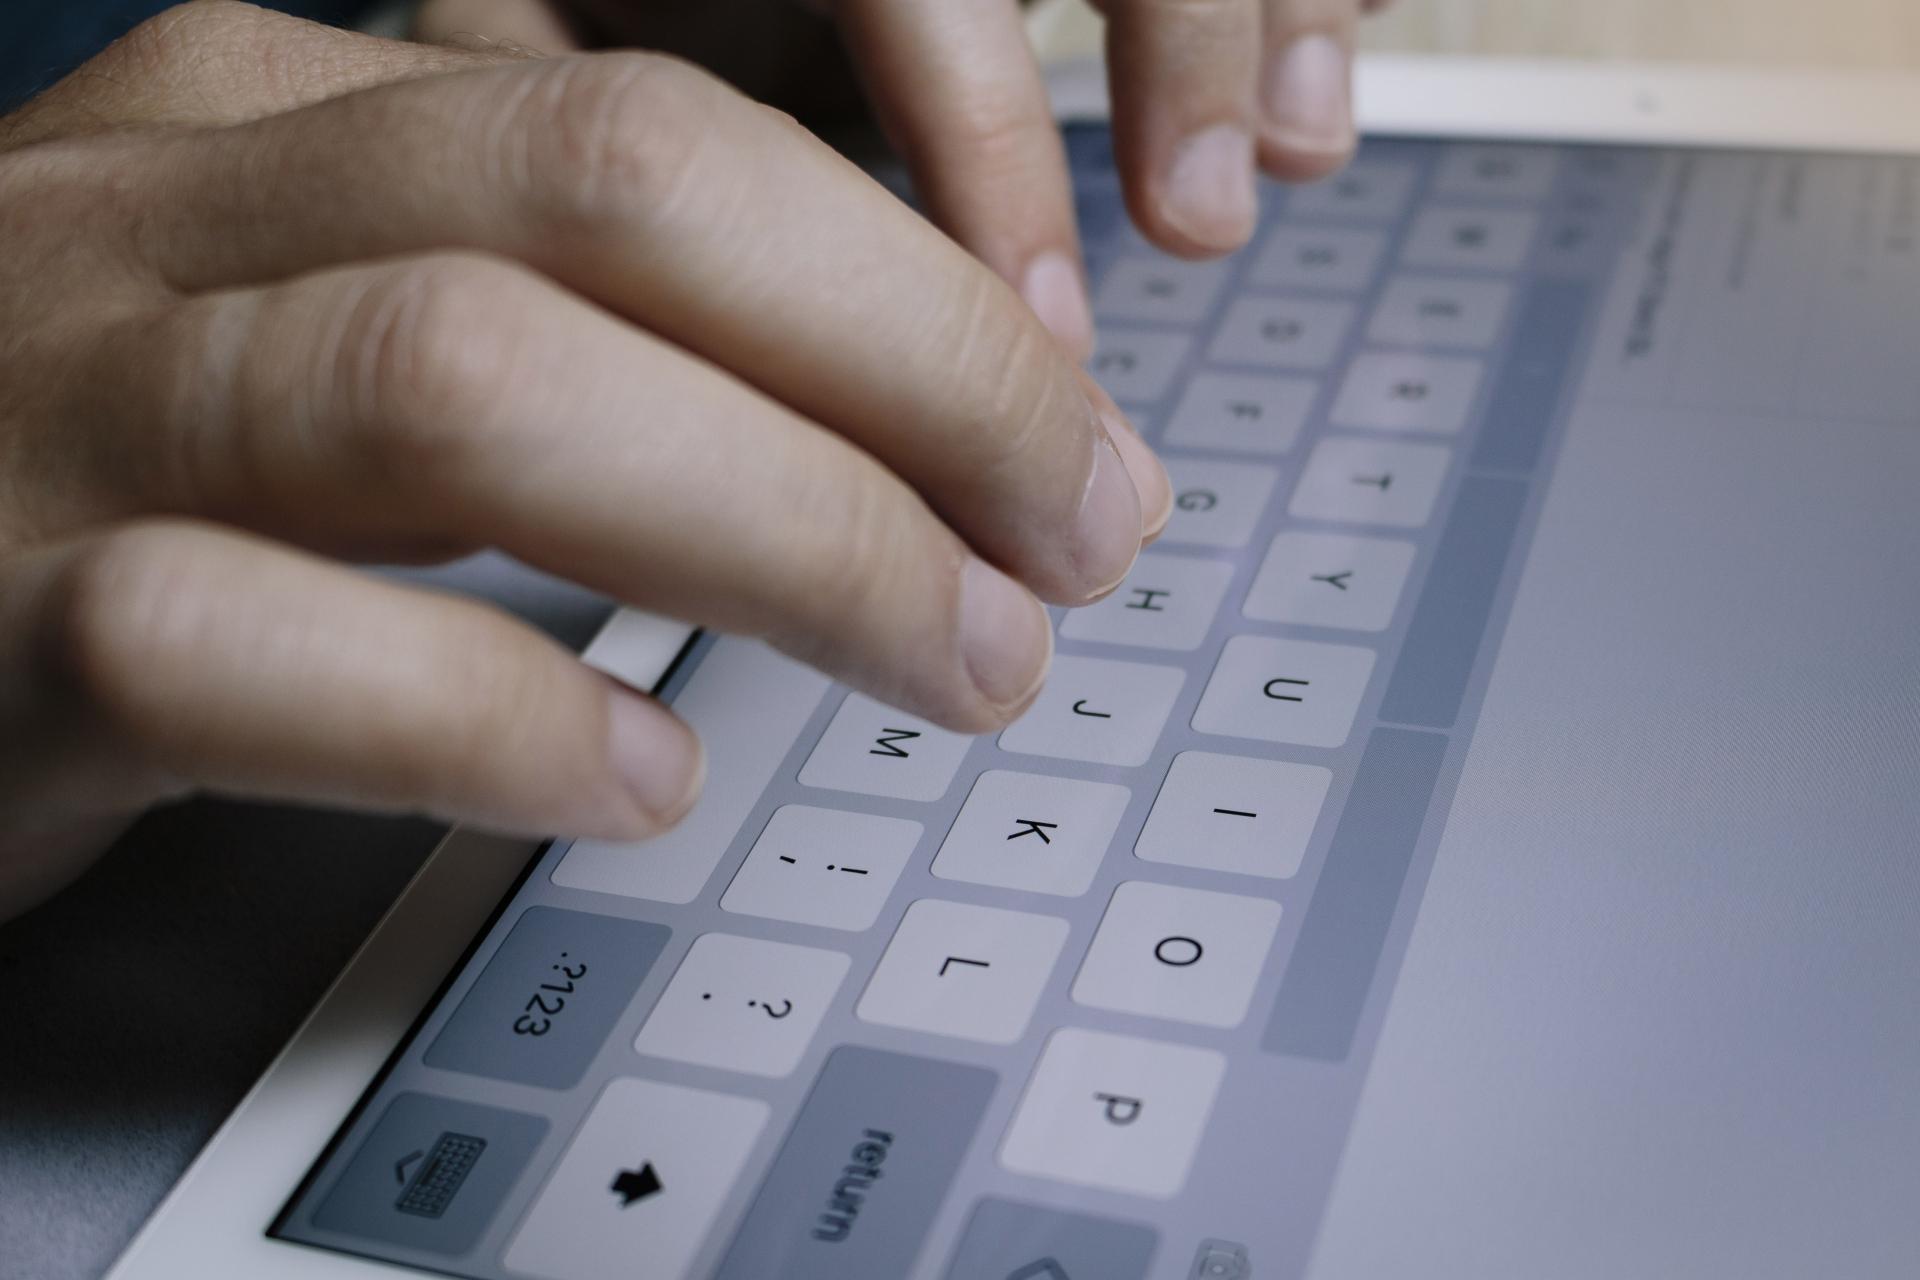 Bluetoothキーボードのイメージ画像